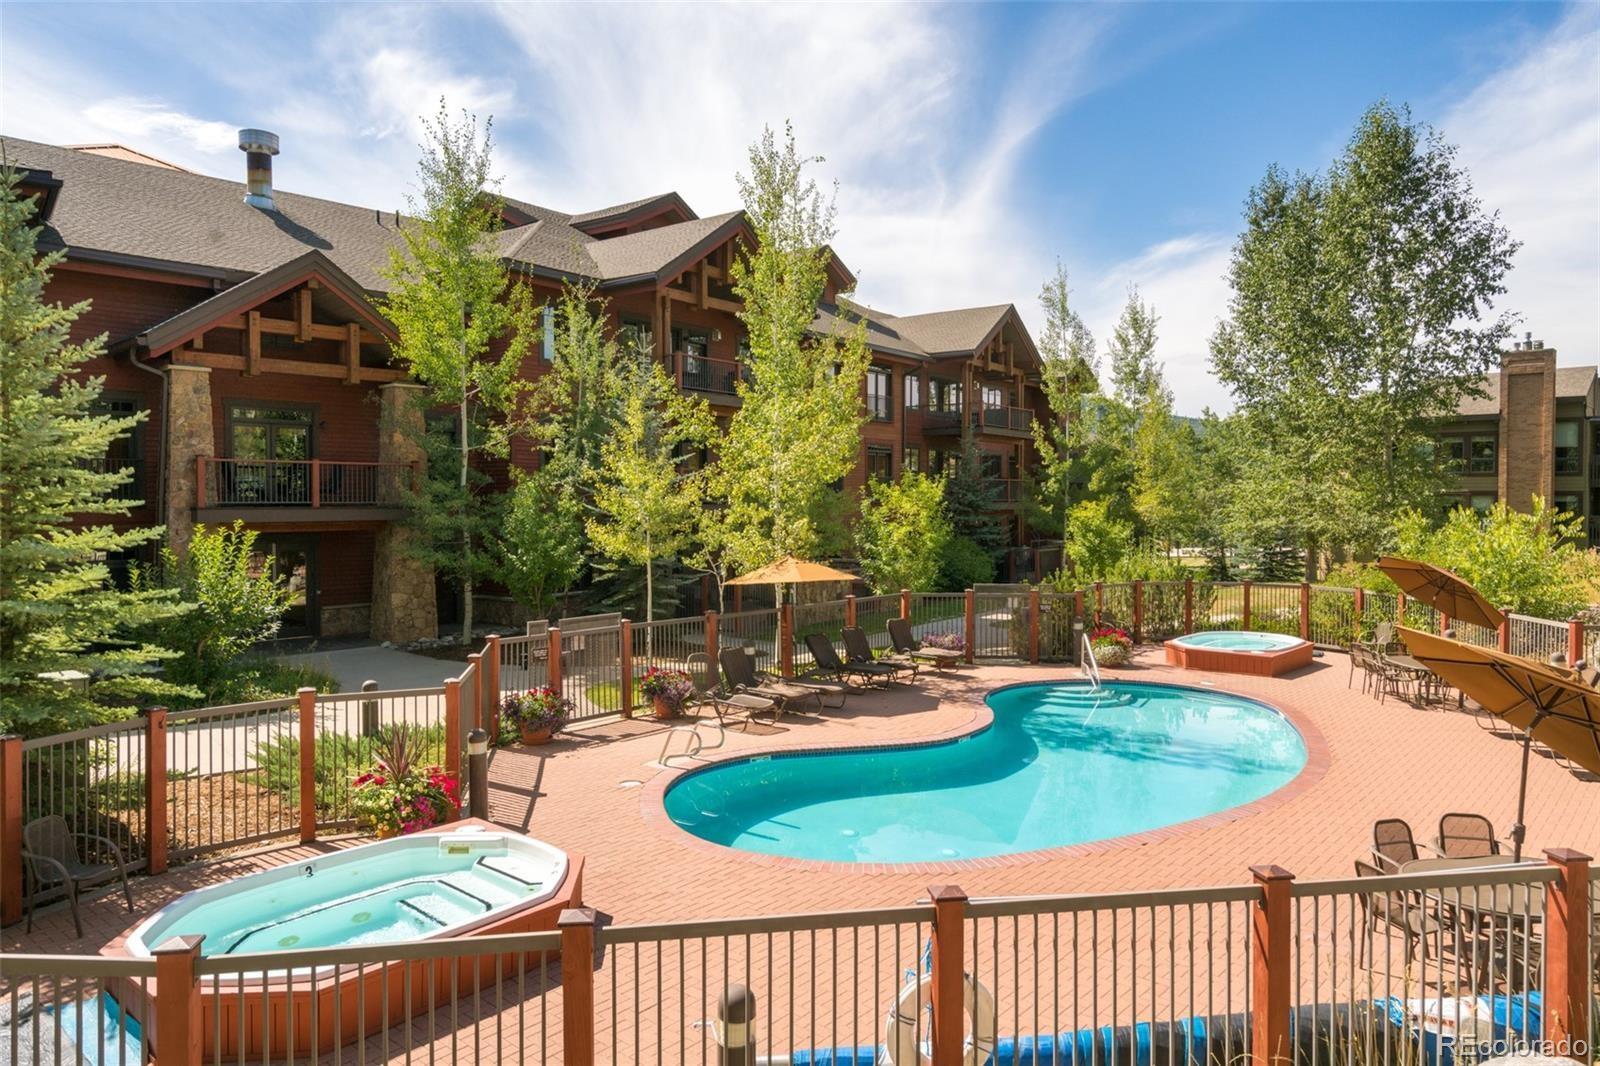 MLS# 7592425 - 21 - 1800 Medicine Springs Drive #5305, Steamboat Springs, CO 80487